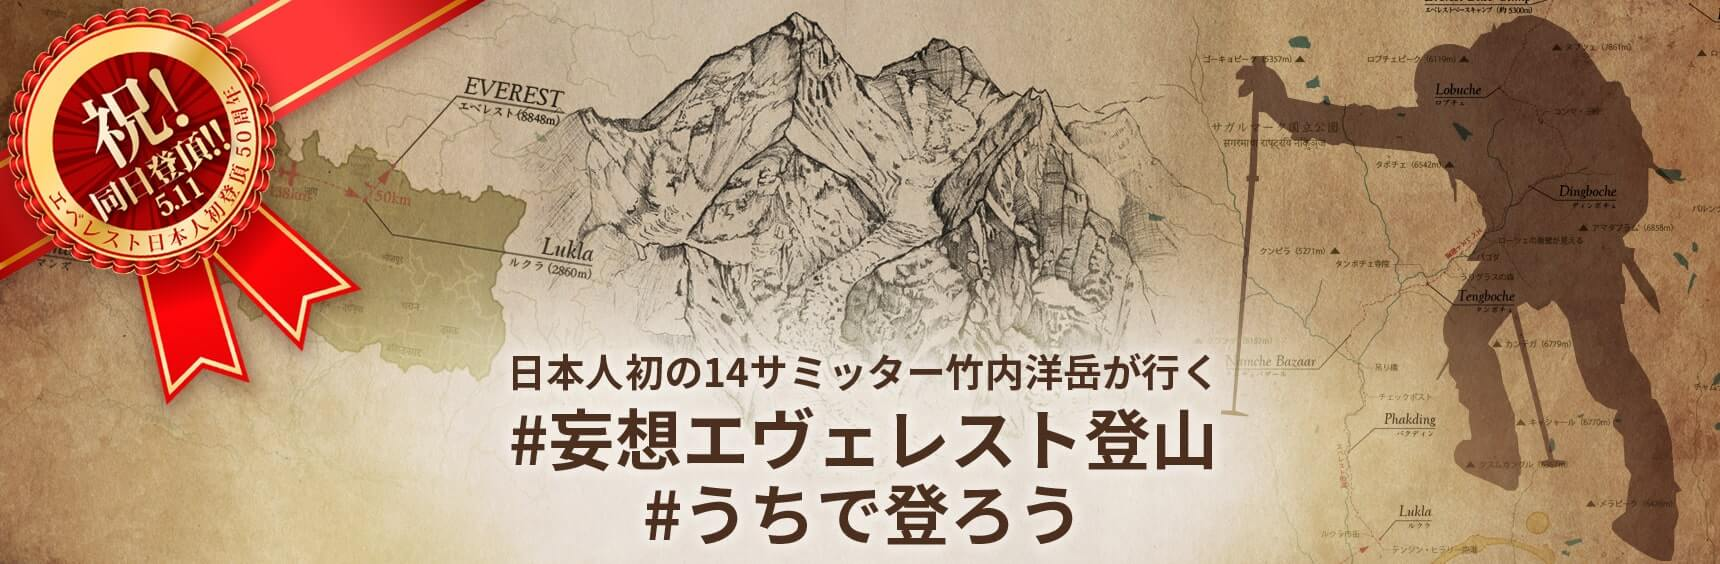 日本の14サミッター竹内洋岳が行く #妄想エベレスト登山 #うちで登ろう